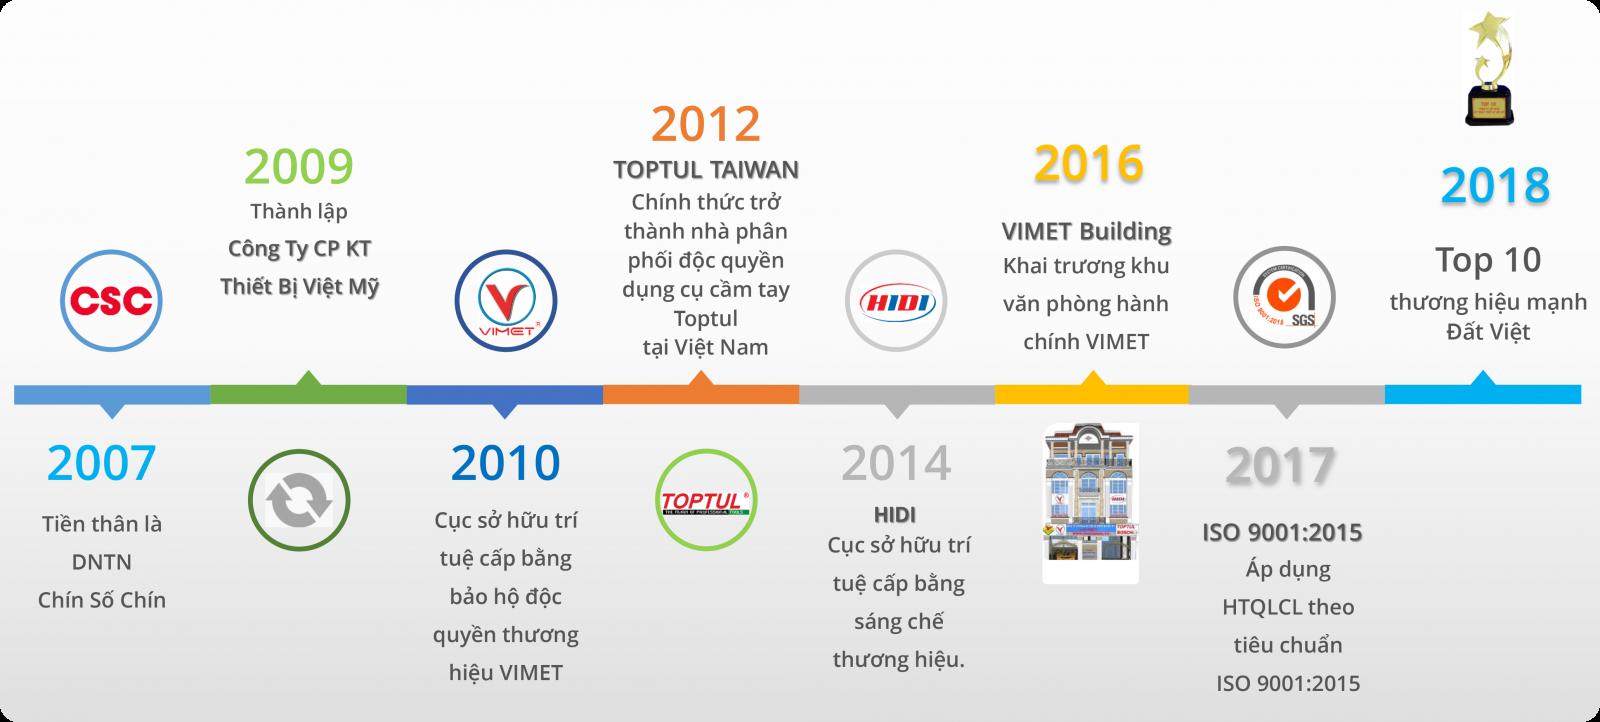 Lịch sử hình thành Vimet